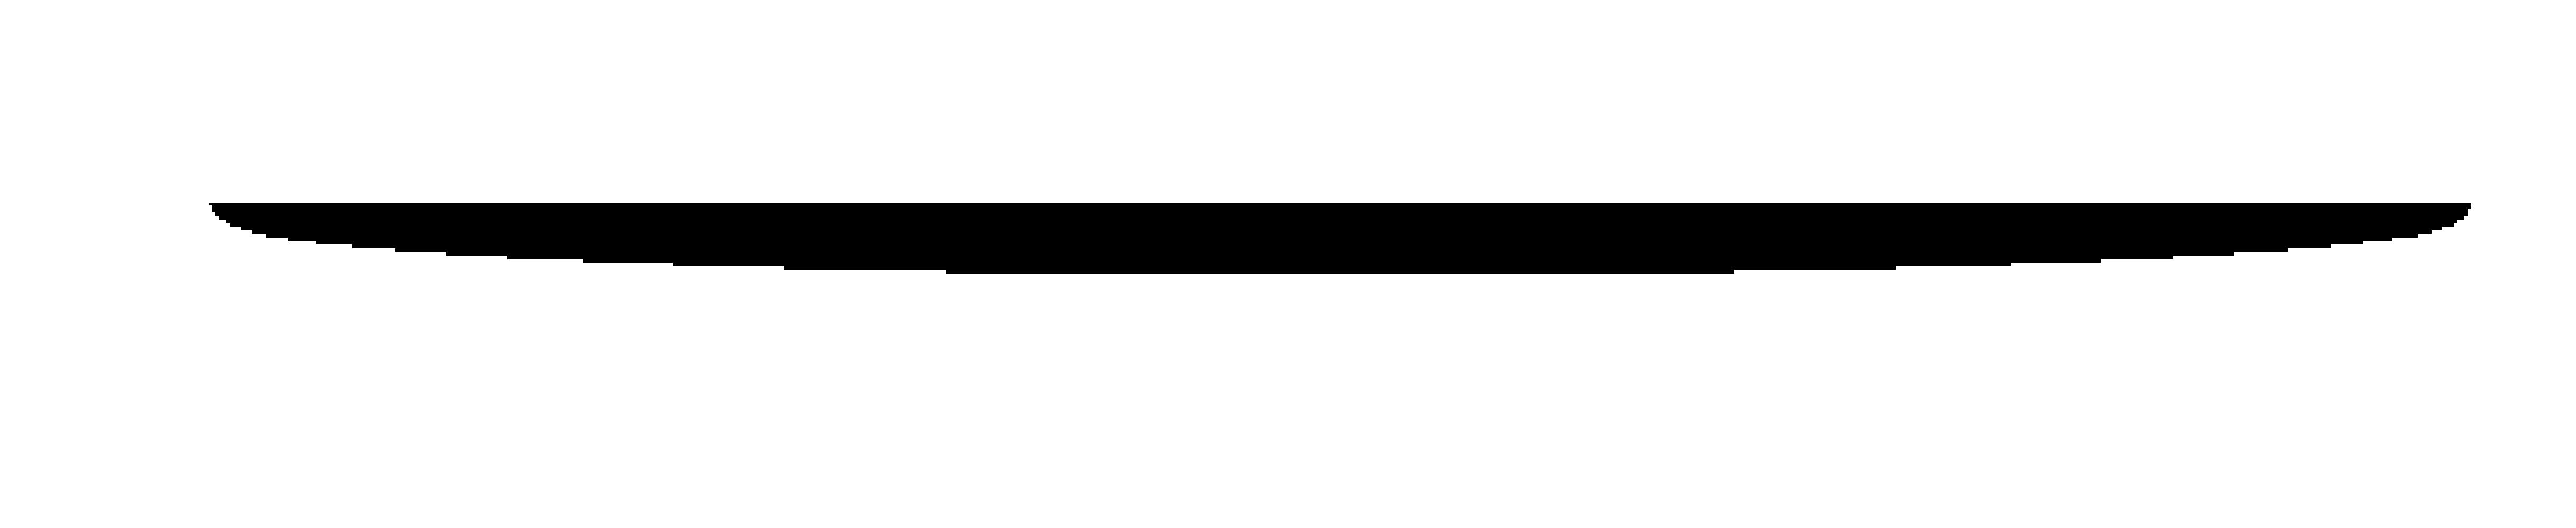 511995665-divider-line.png